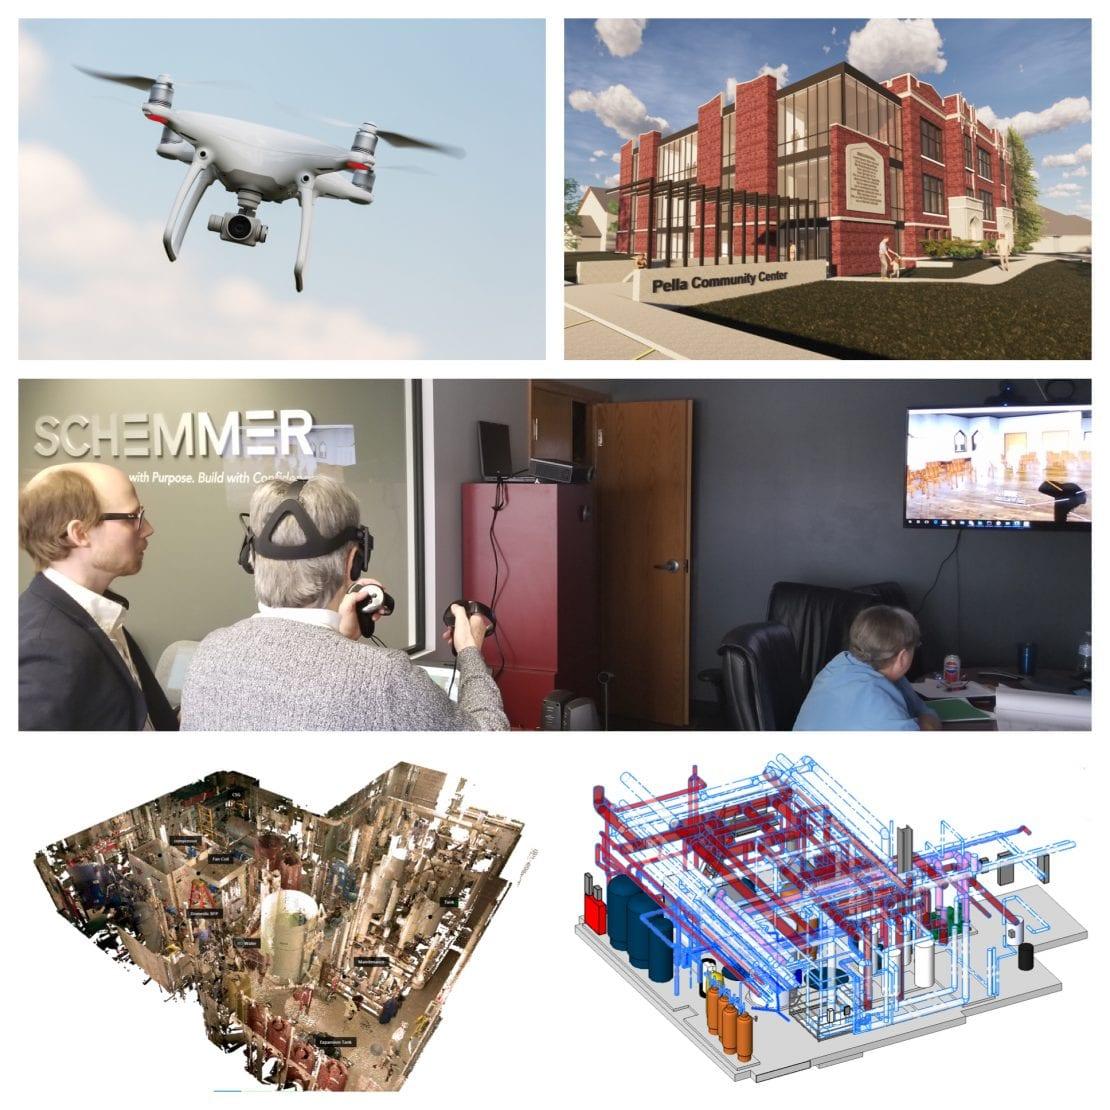 Schemmer_Technology